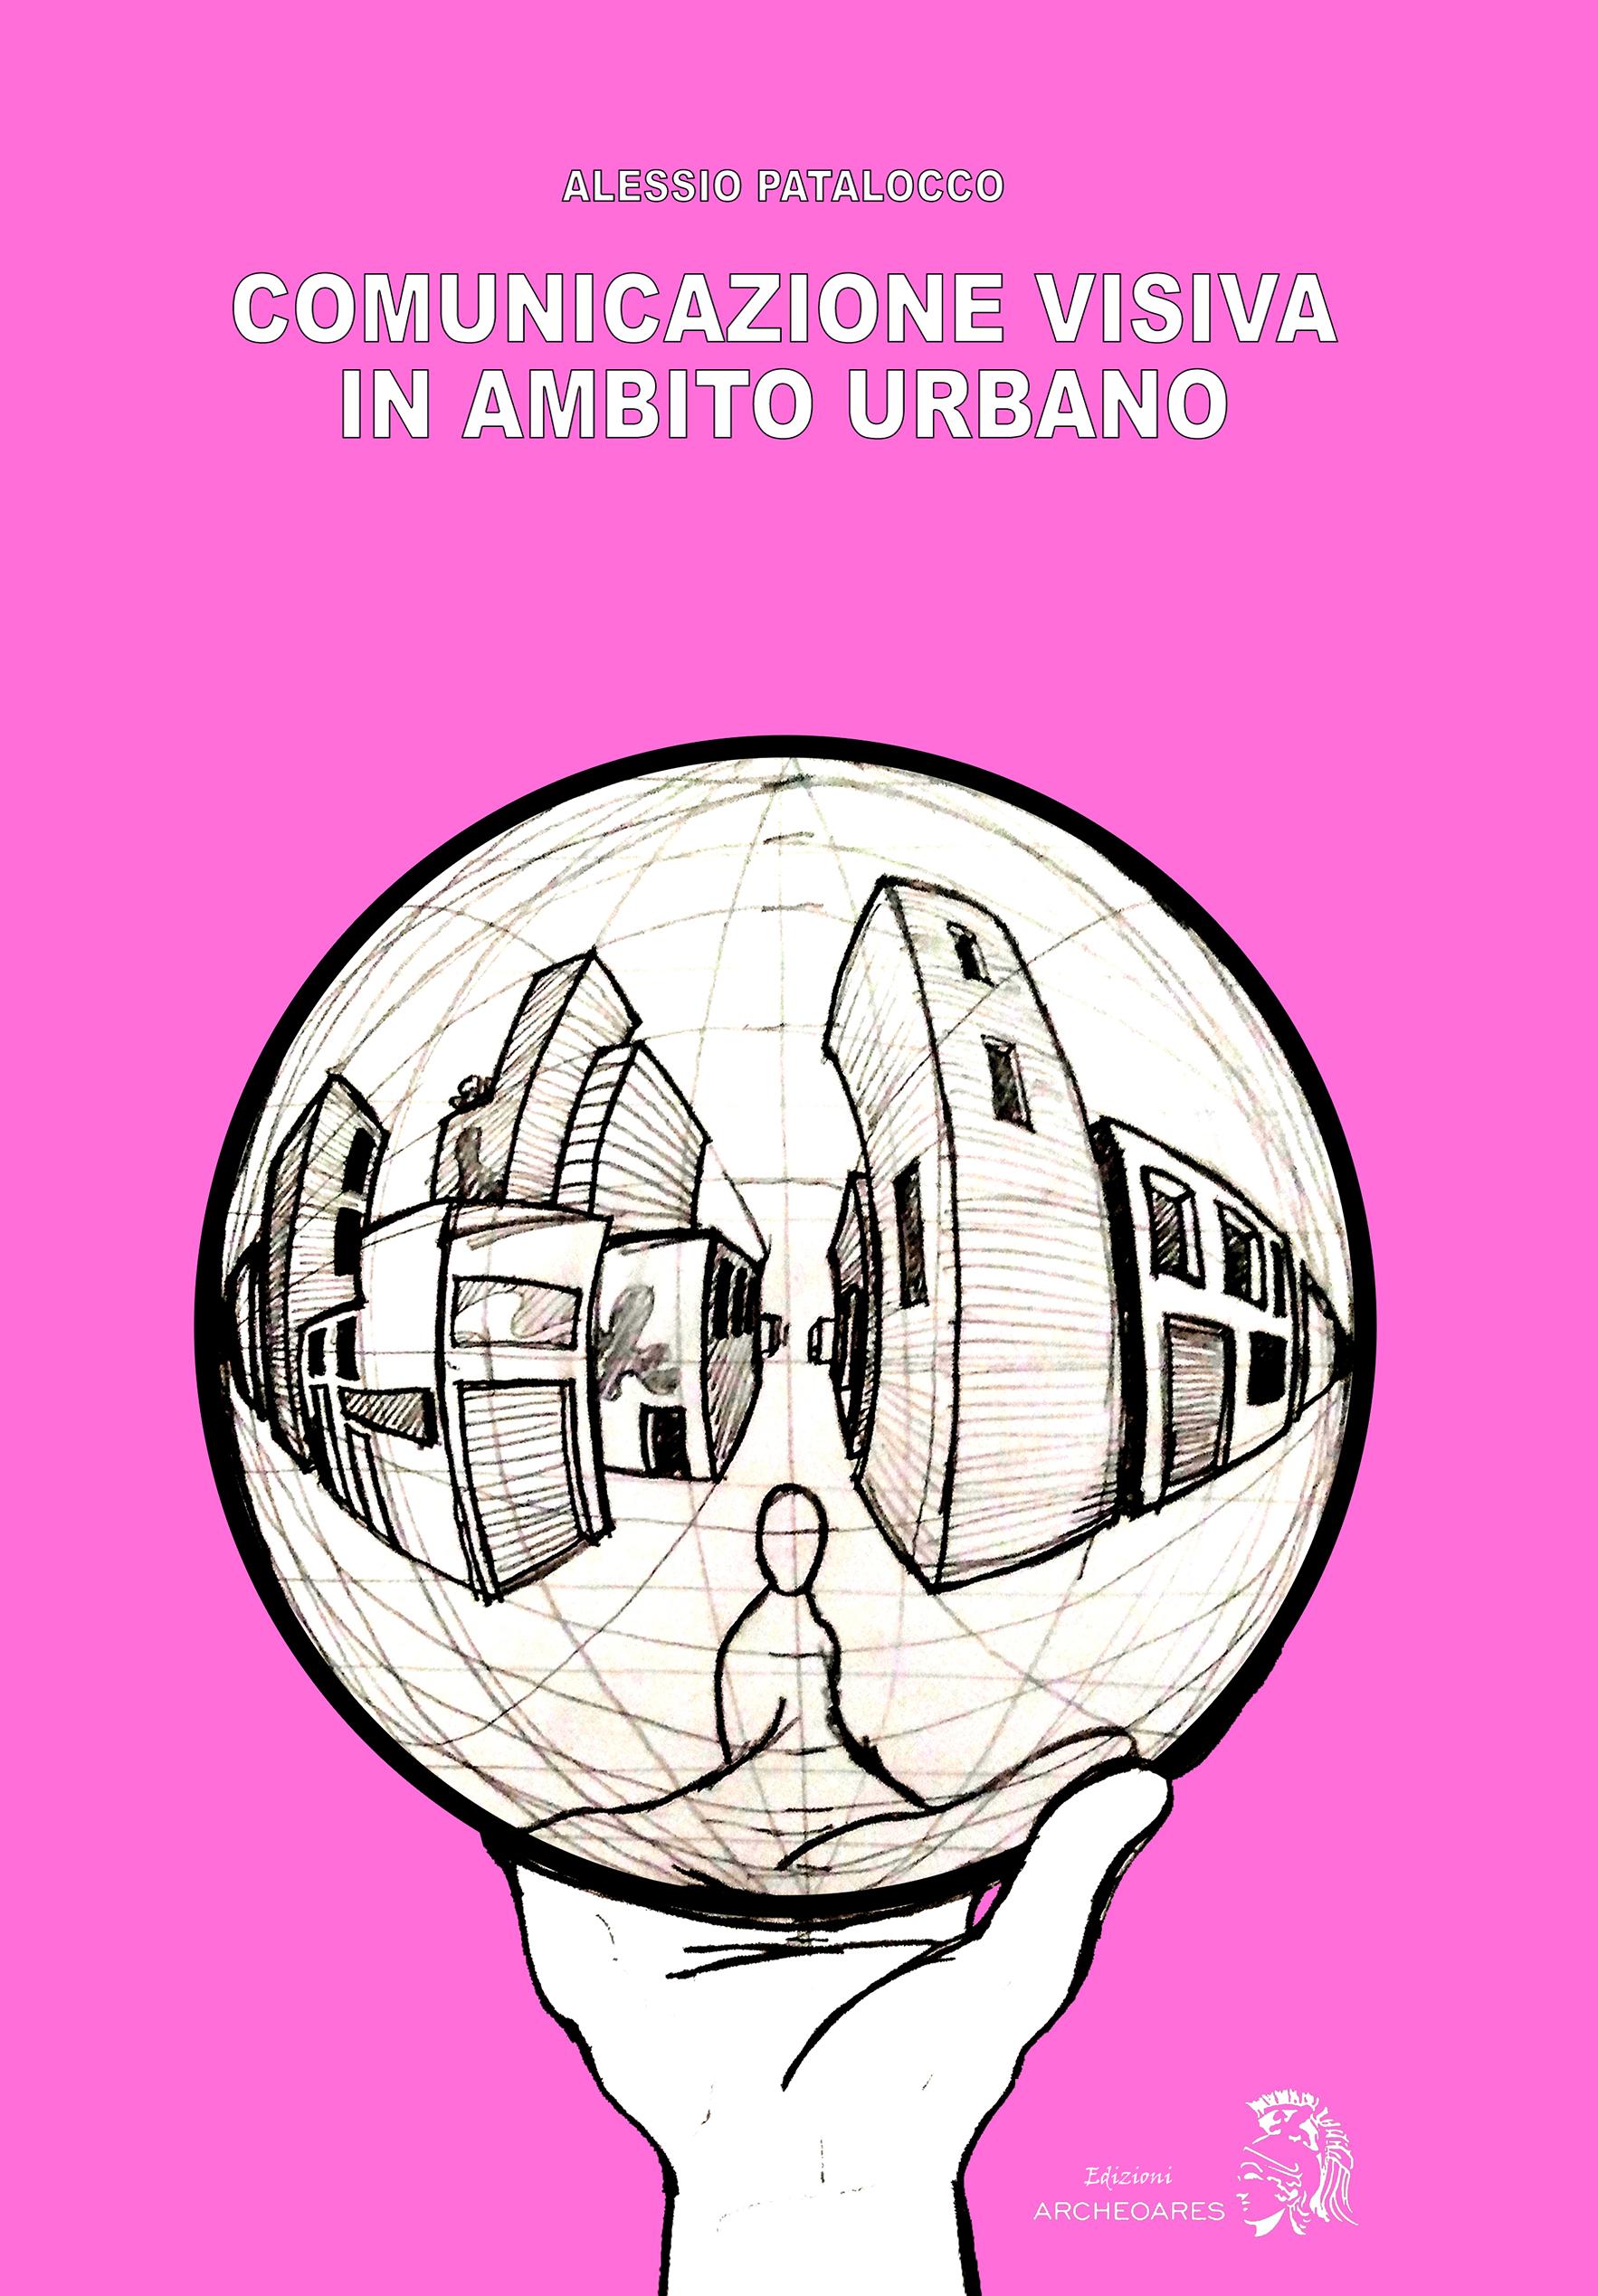 comunicazione visiva in ambito urbano